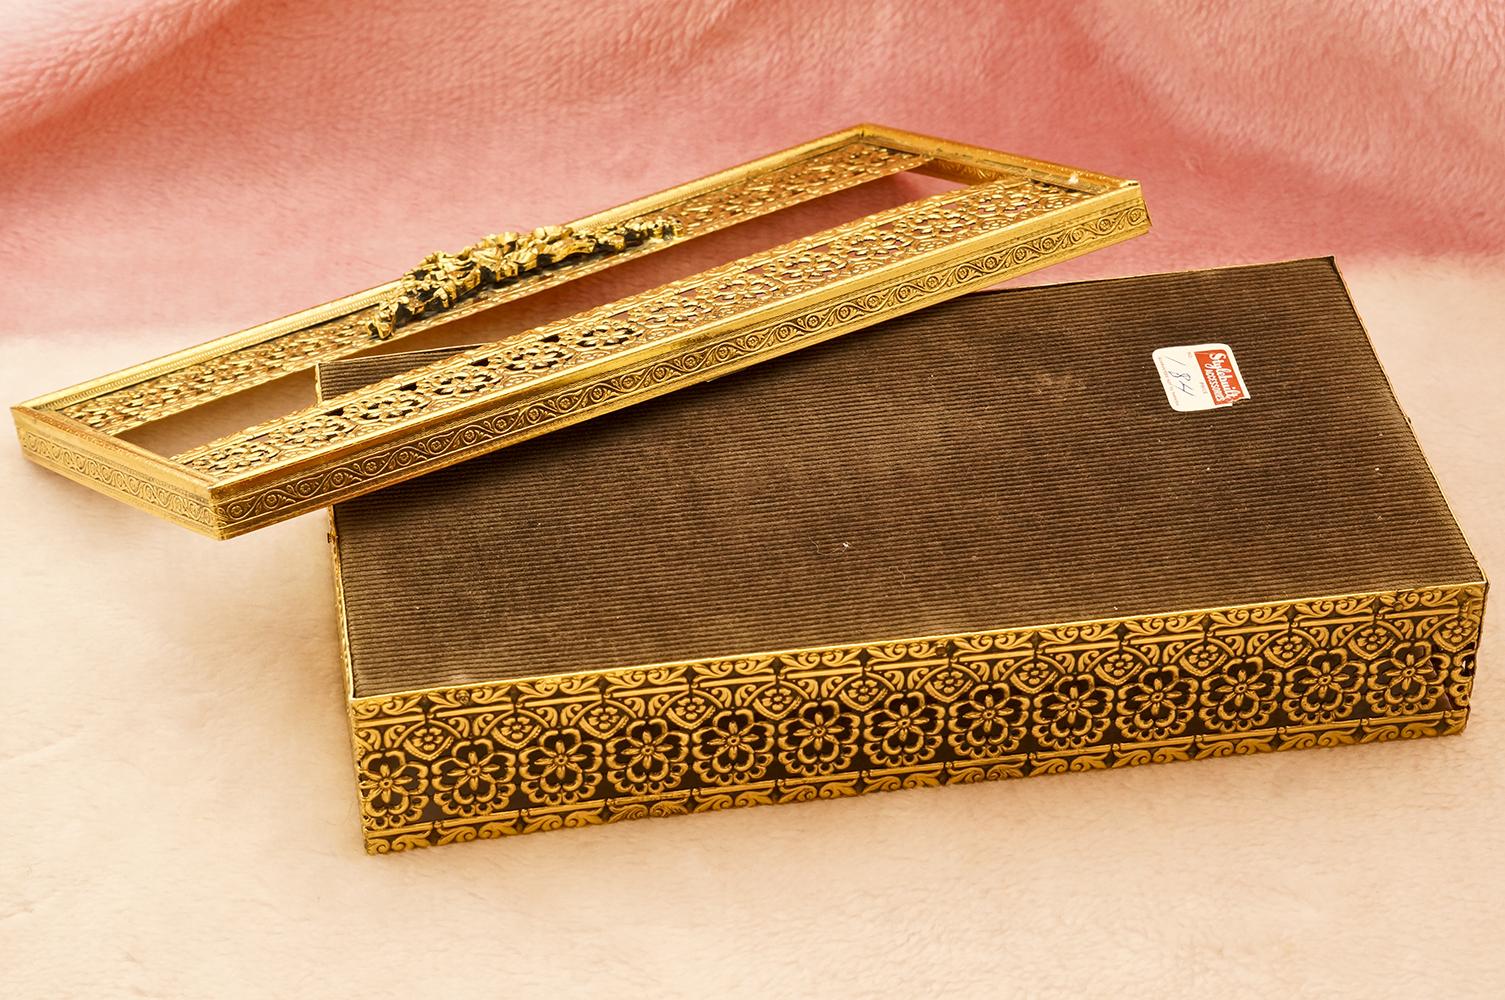 スタイルビルト製 ゴールド フラワーリボン ティッシュボックス 裏側